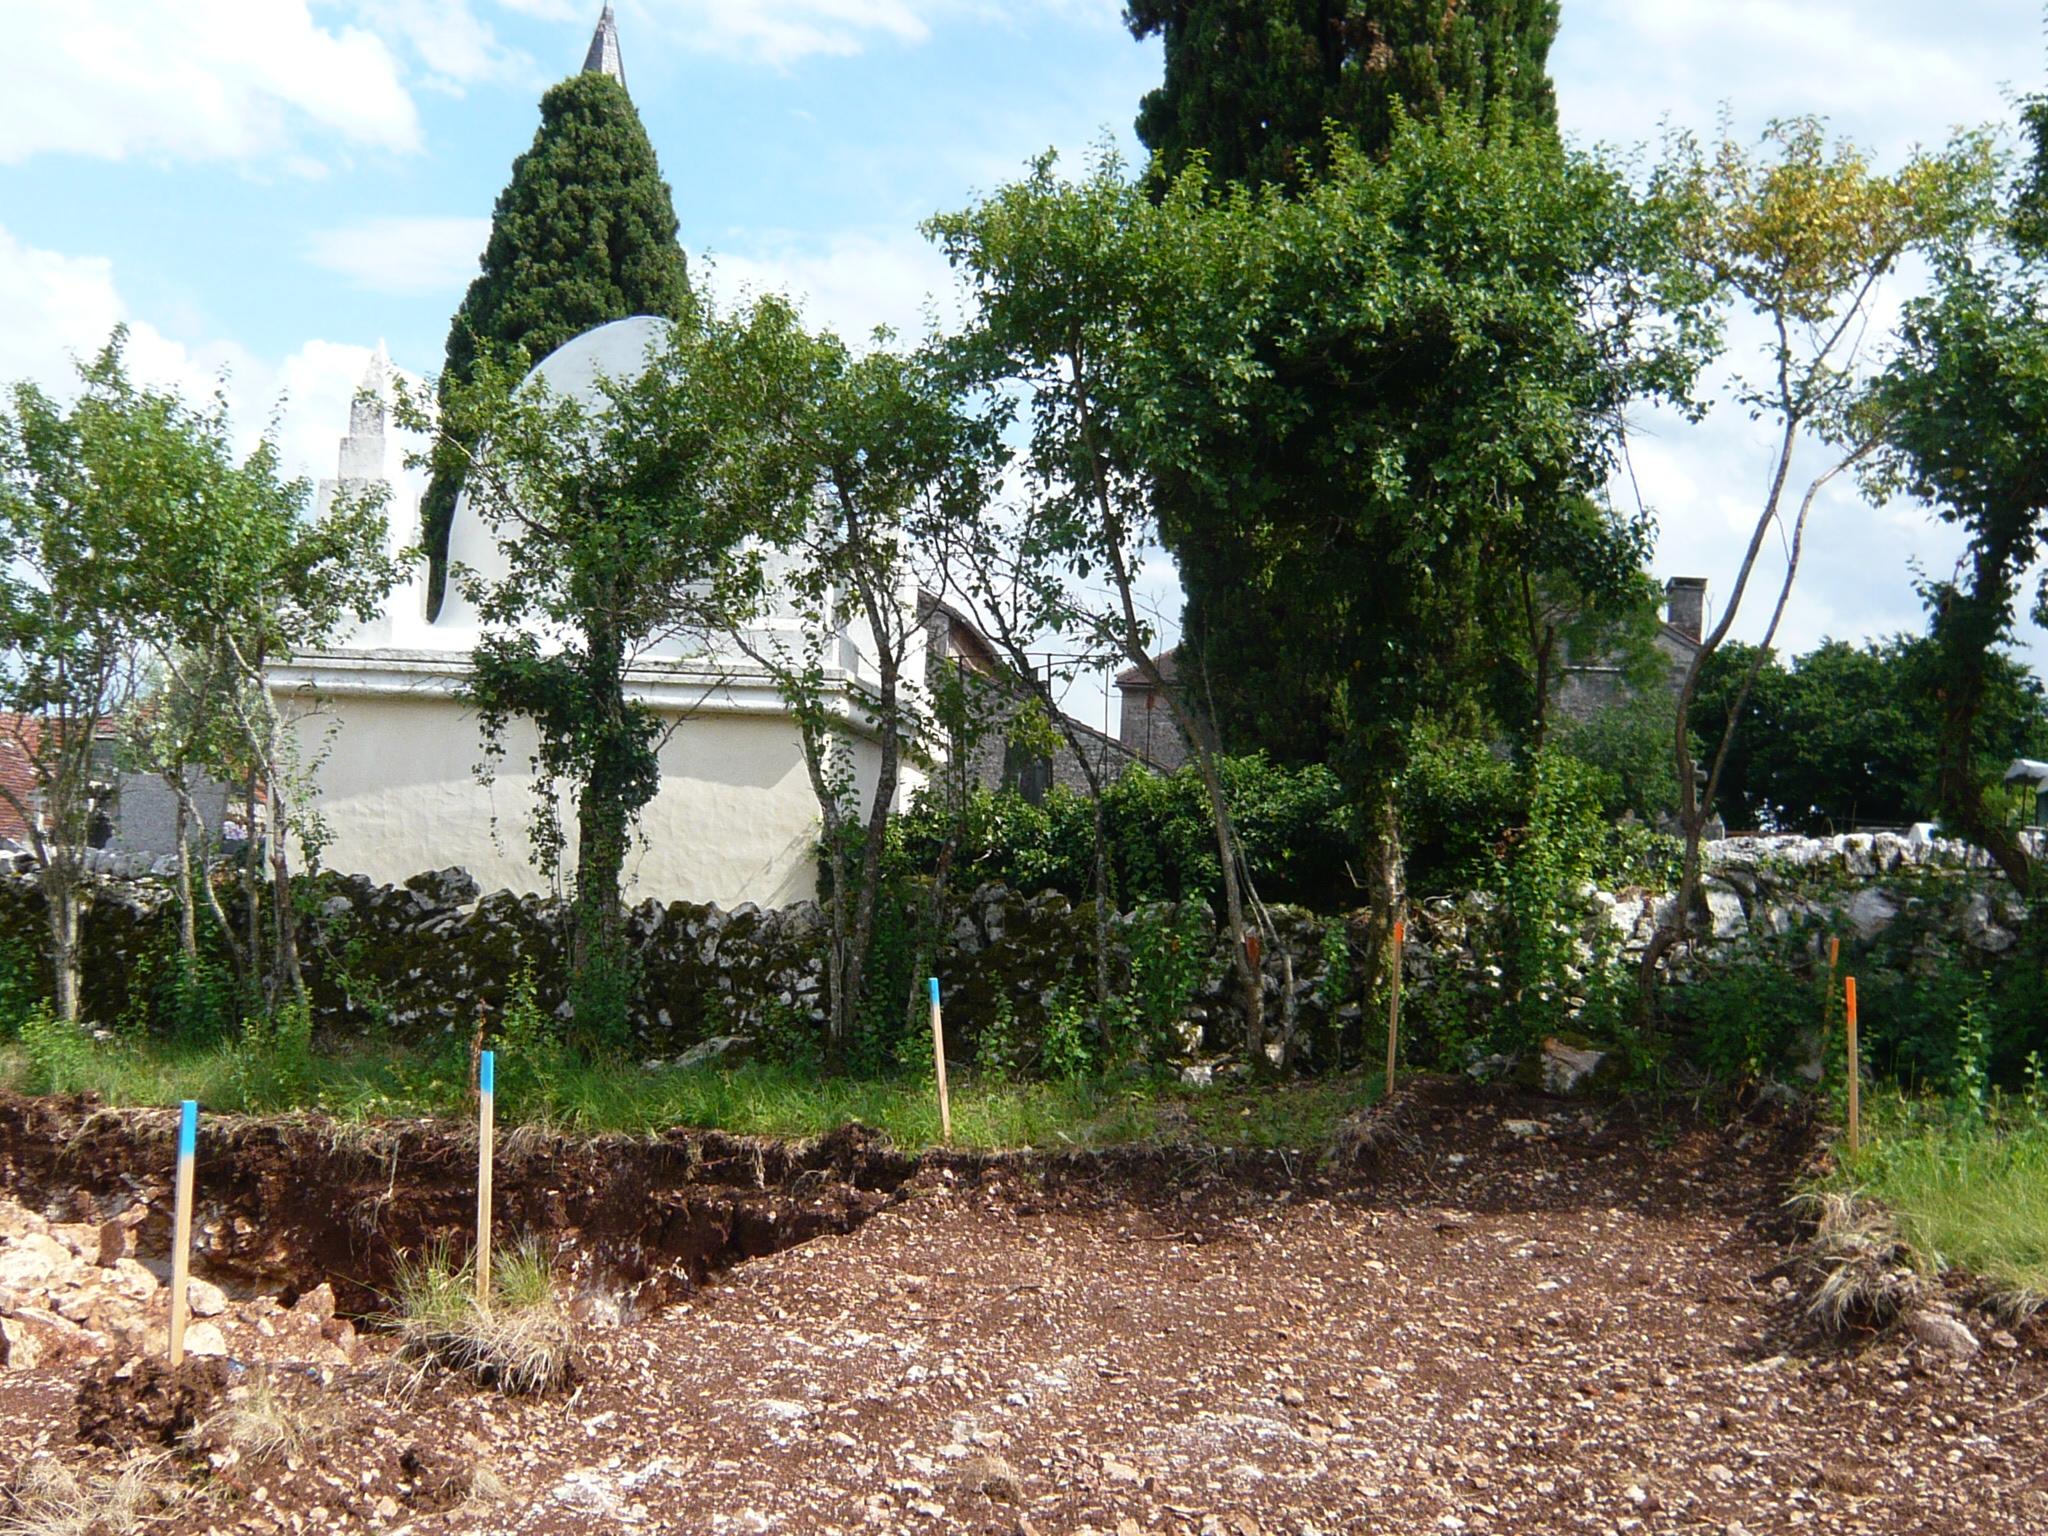 Traçage de l'accès piéton depuis l'ancien cimetière